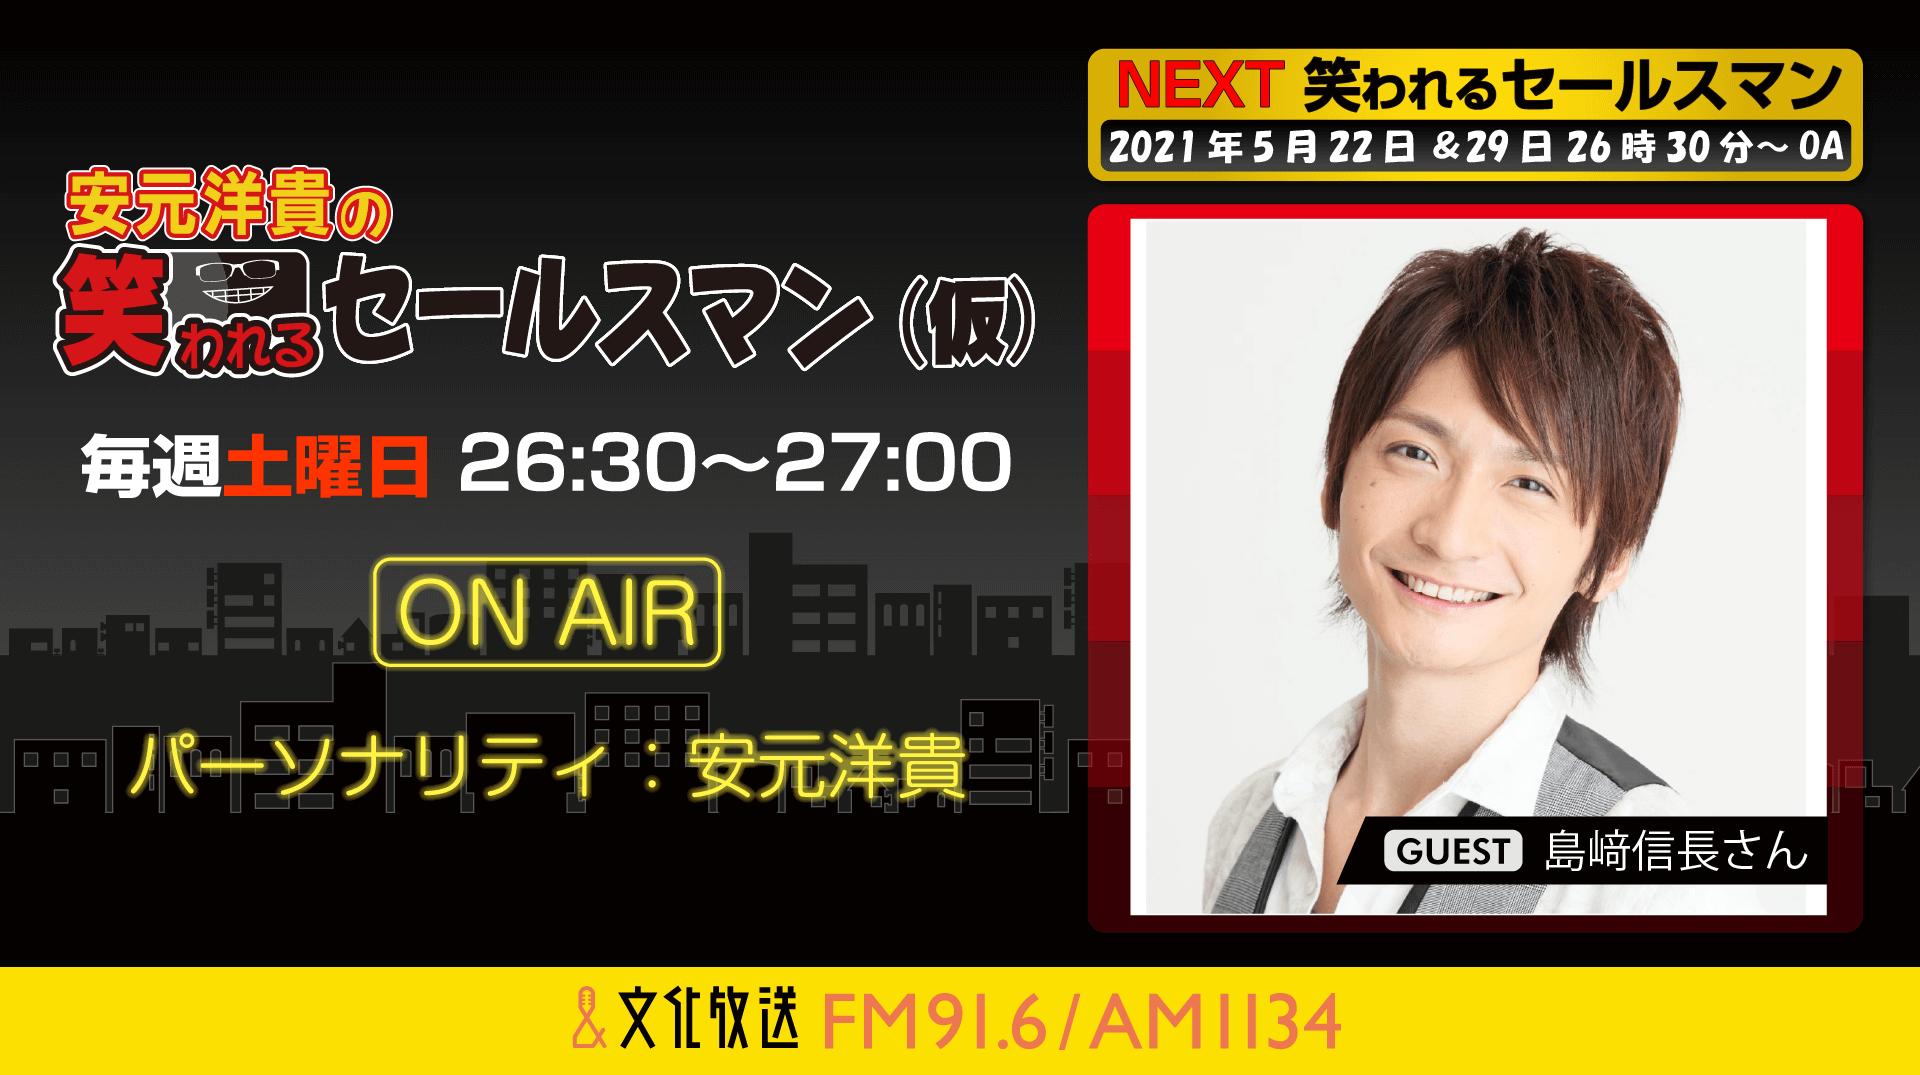 5月29日の放送には、島﨑信長さんがゲストに登場!『安元洋貴の笑われるセールスマン(仮)』